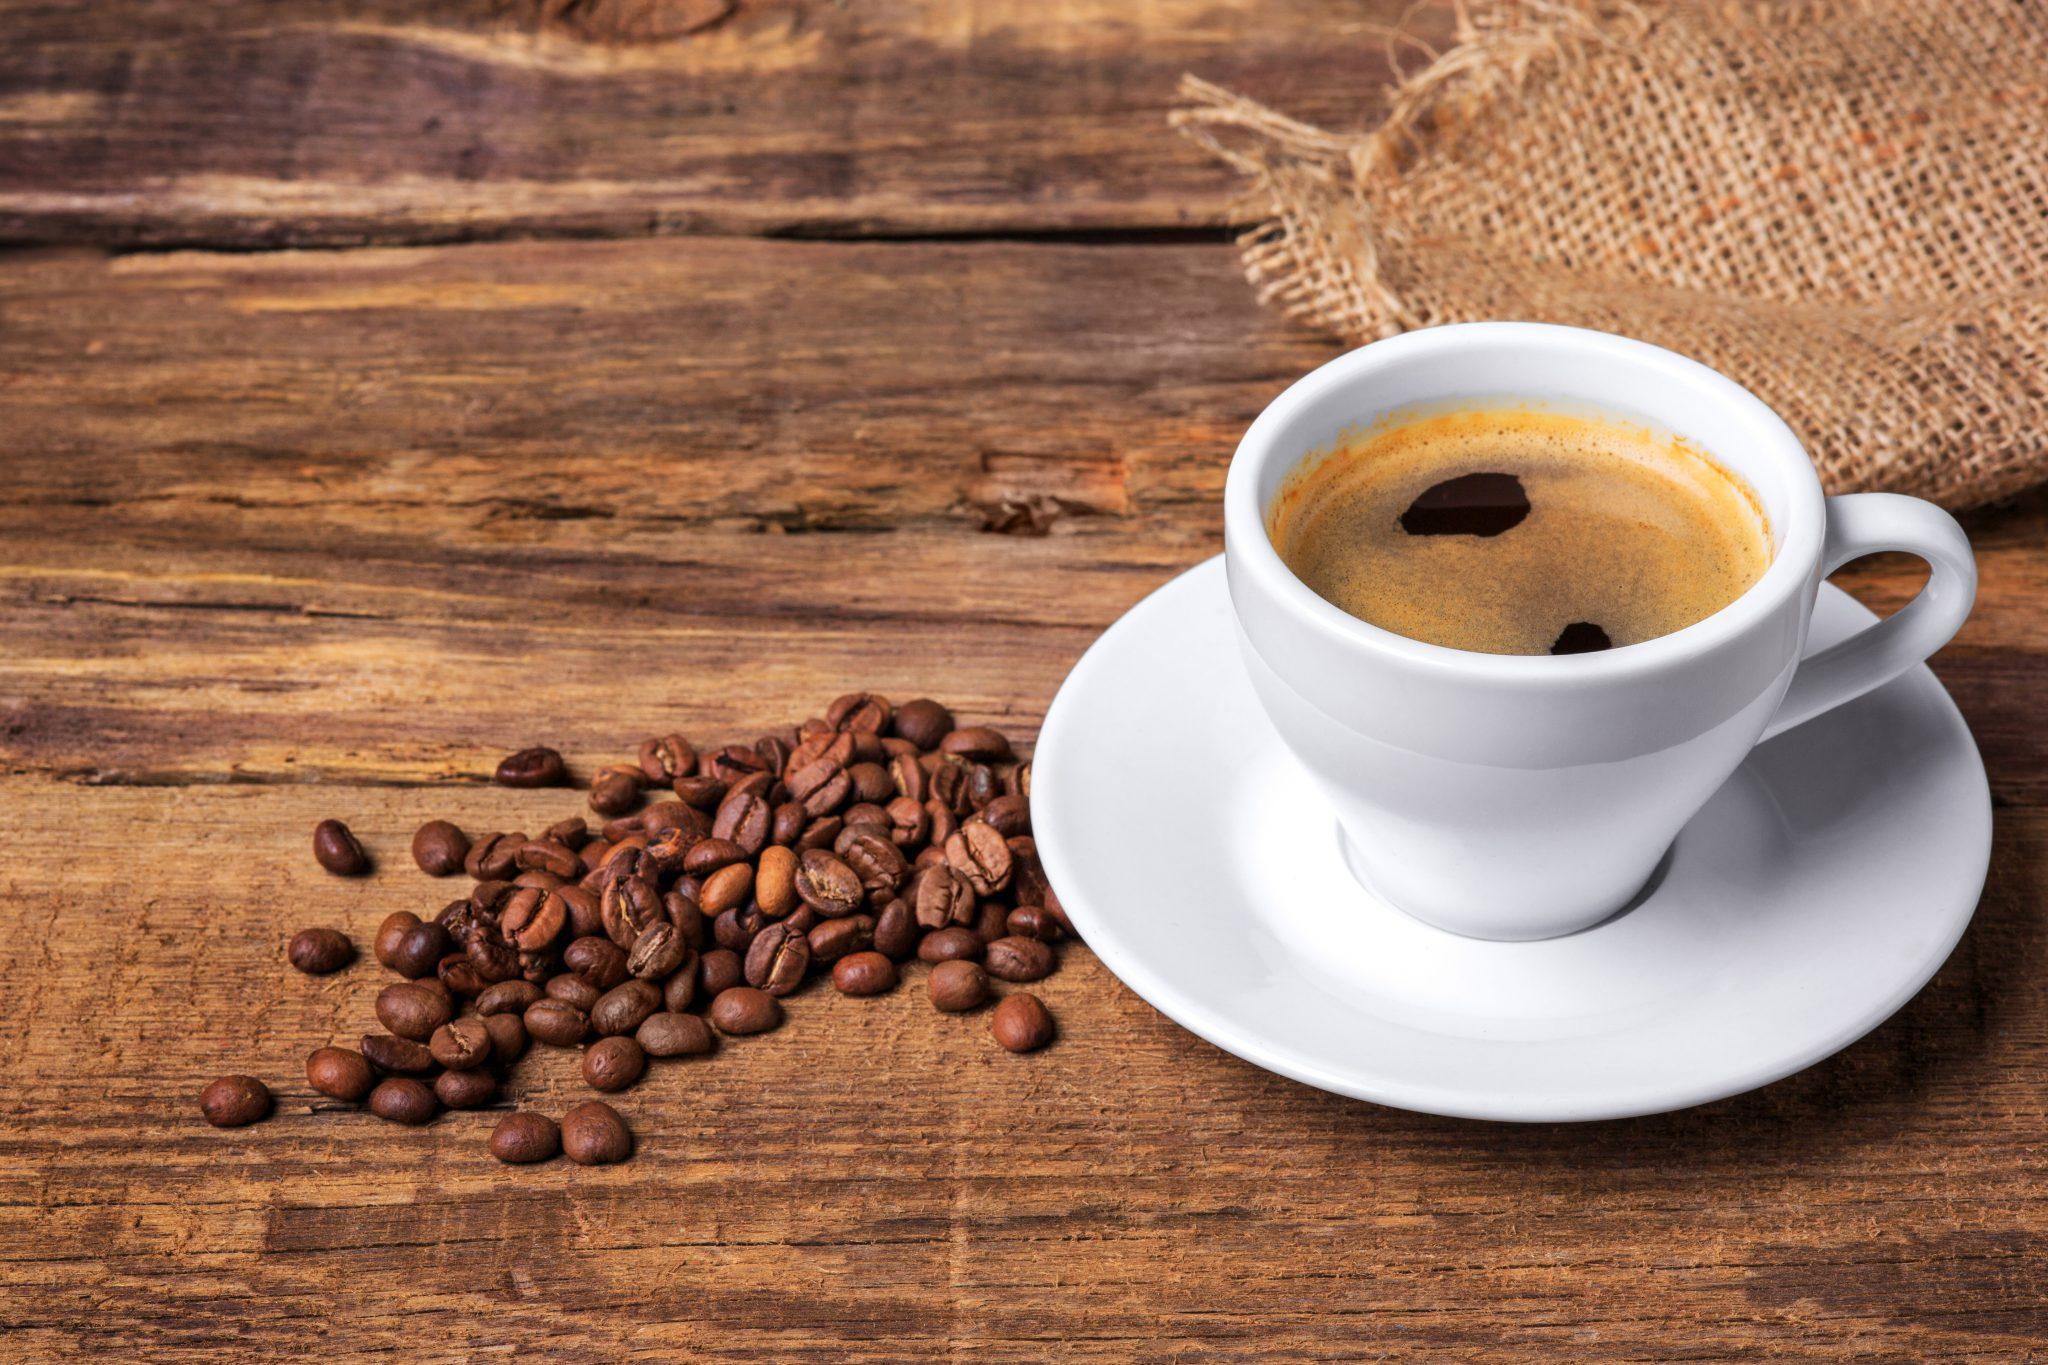 Muitas histórias, uma paixão em comum: o café.